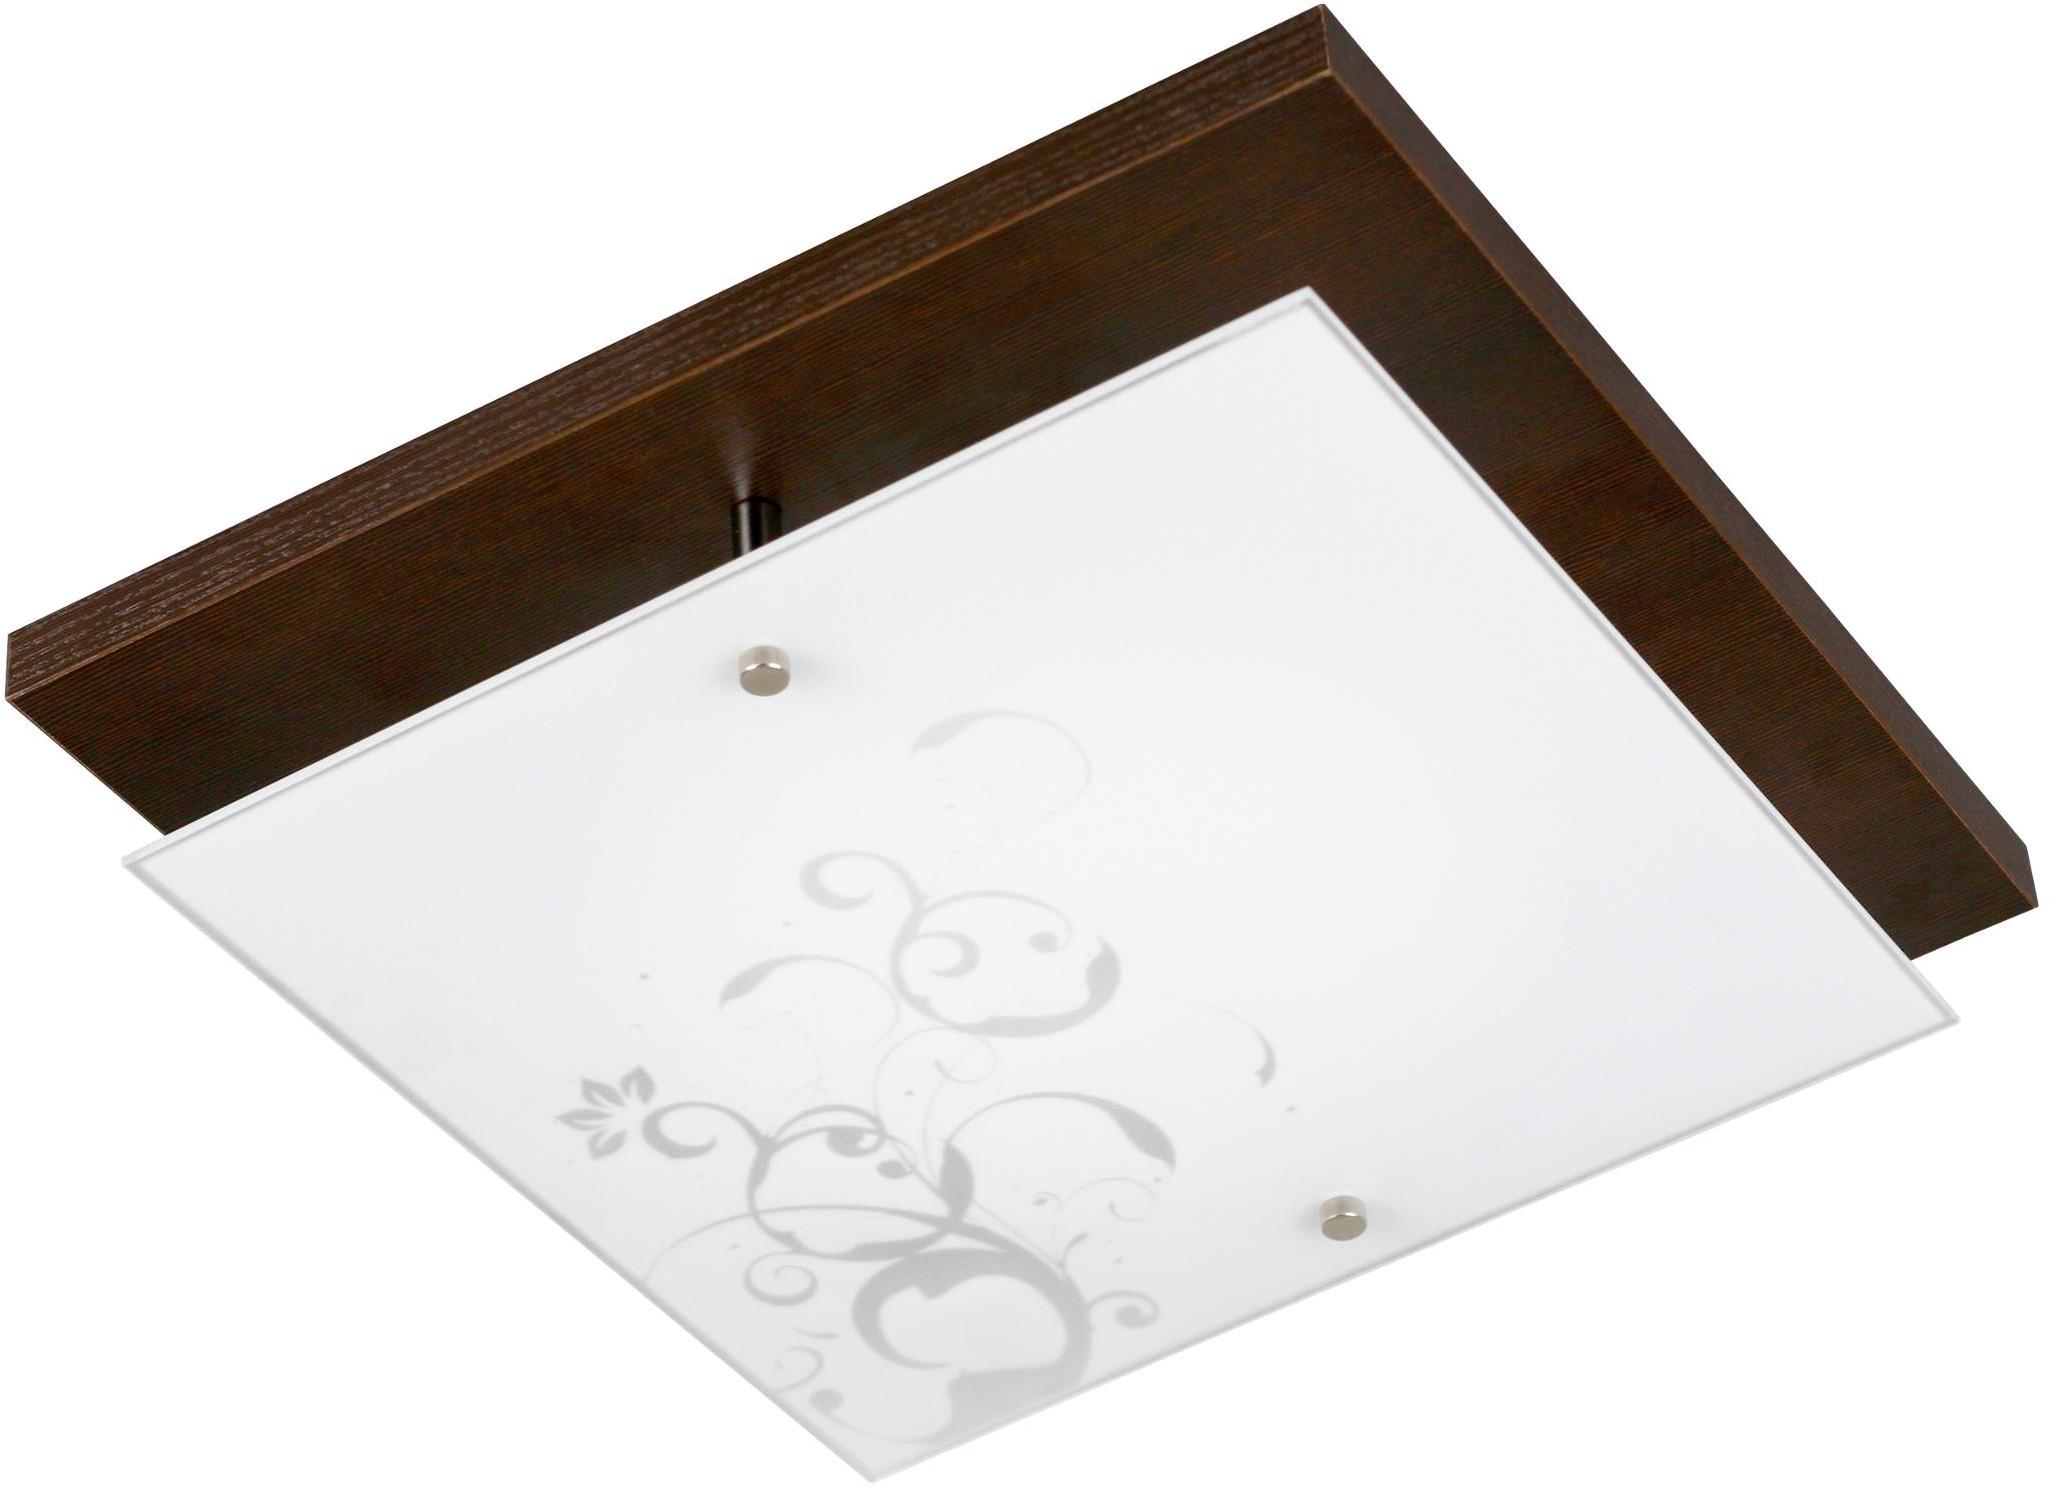 Lampex Plafon 198/D31 WEN Vetro Rosa D31 Wenge 198/D31 WEN